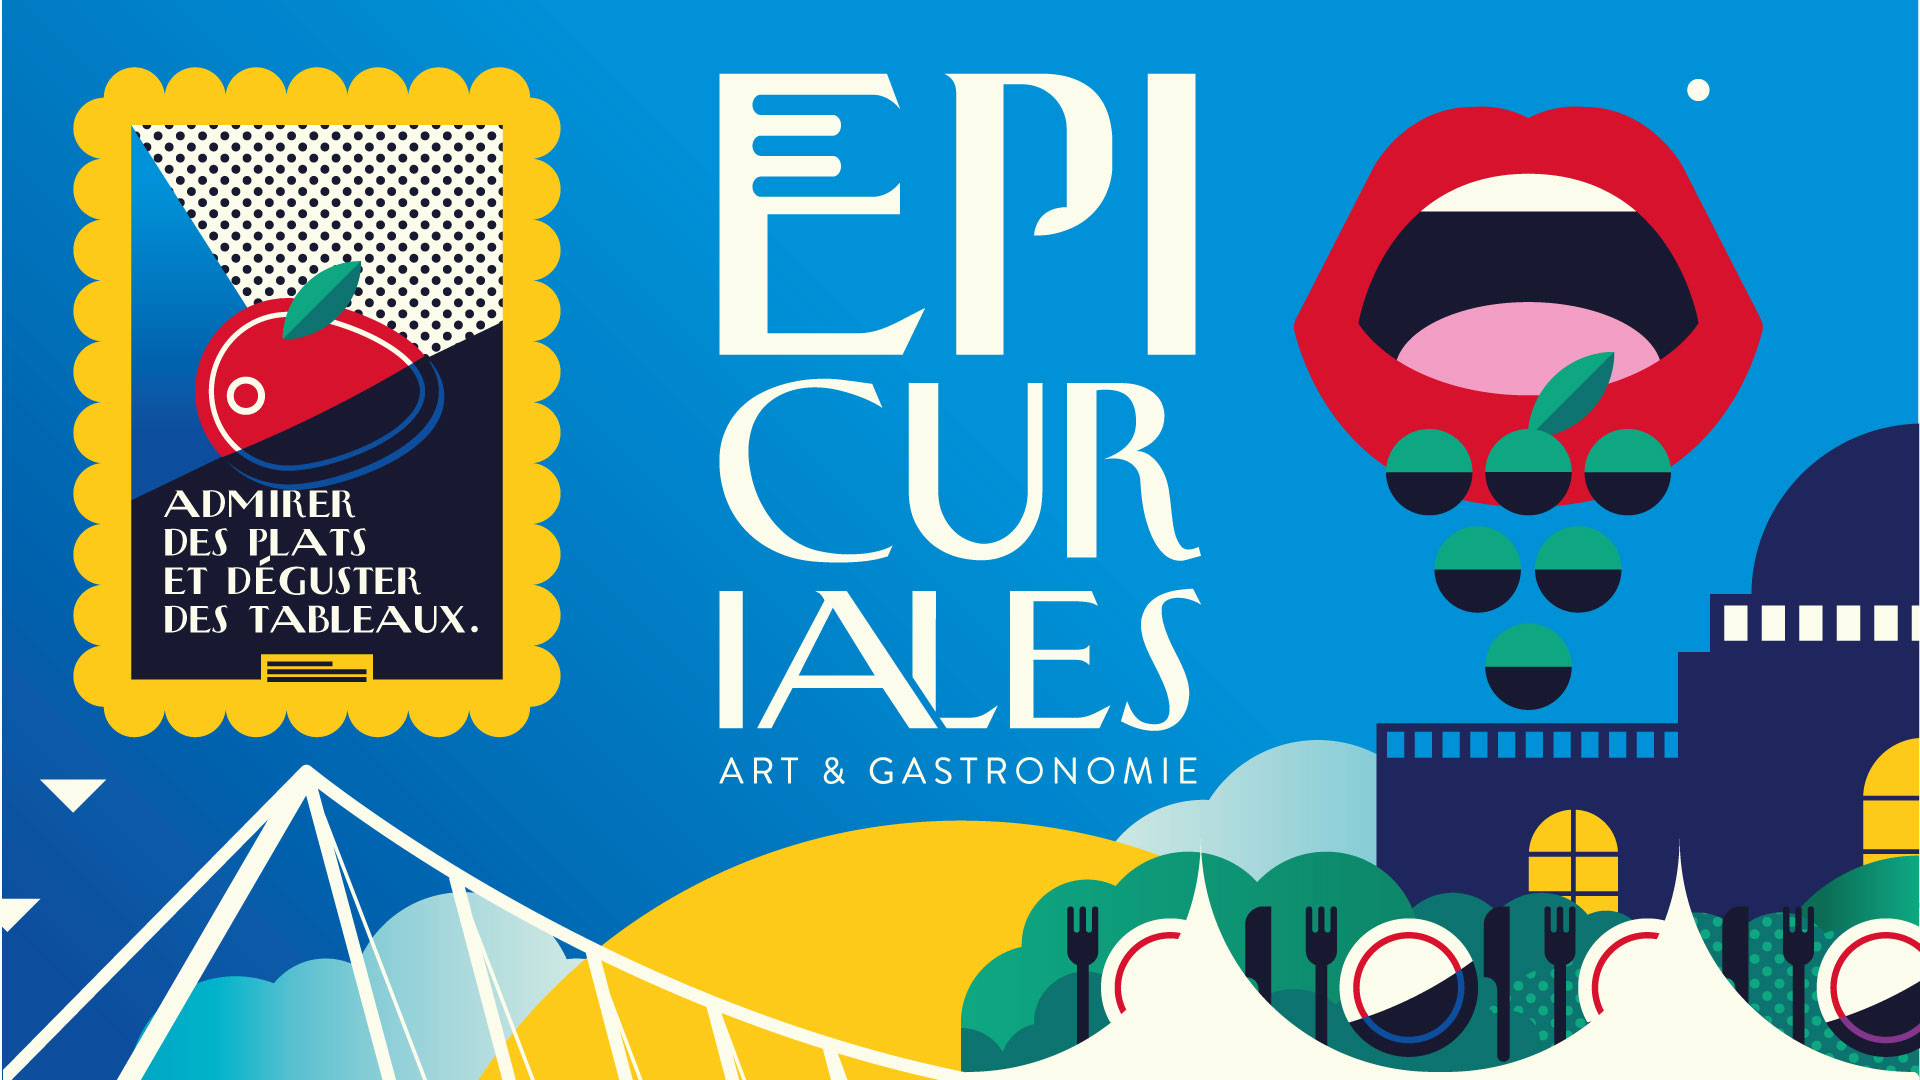 Epicuriales de Liège